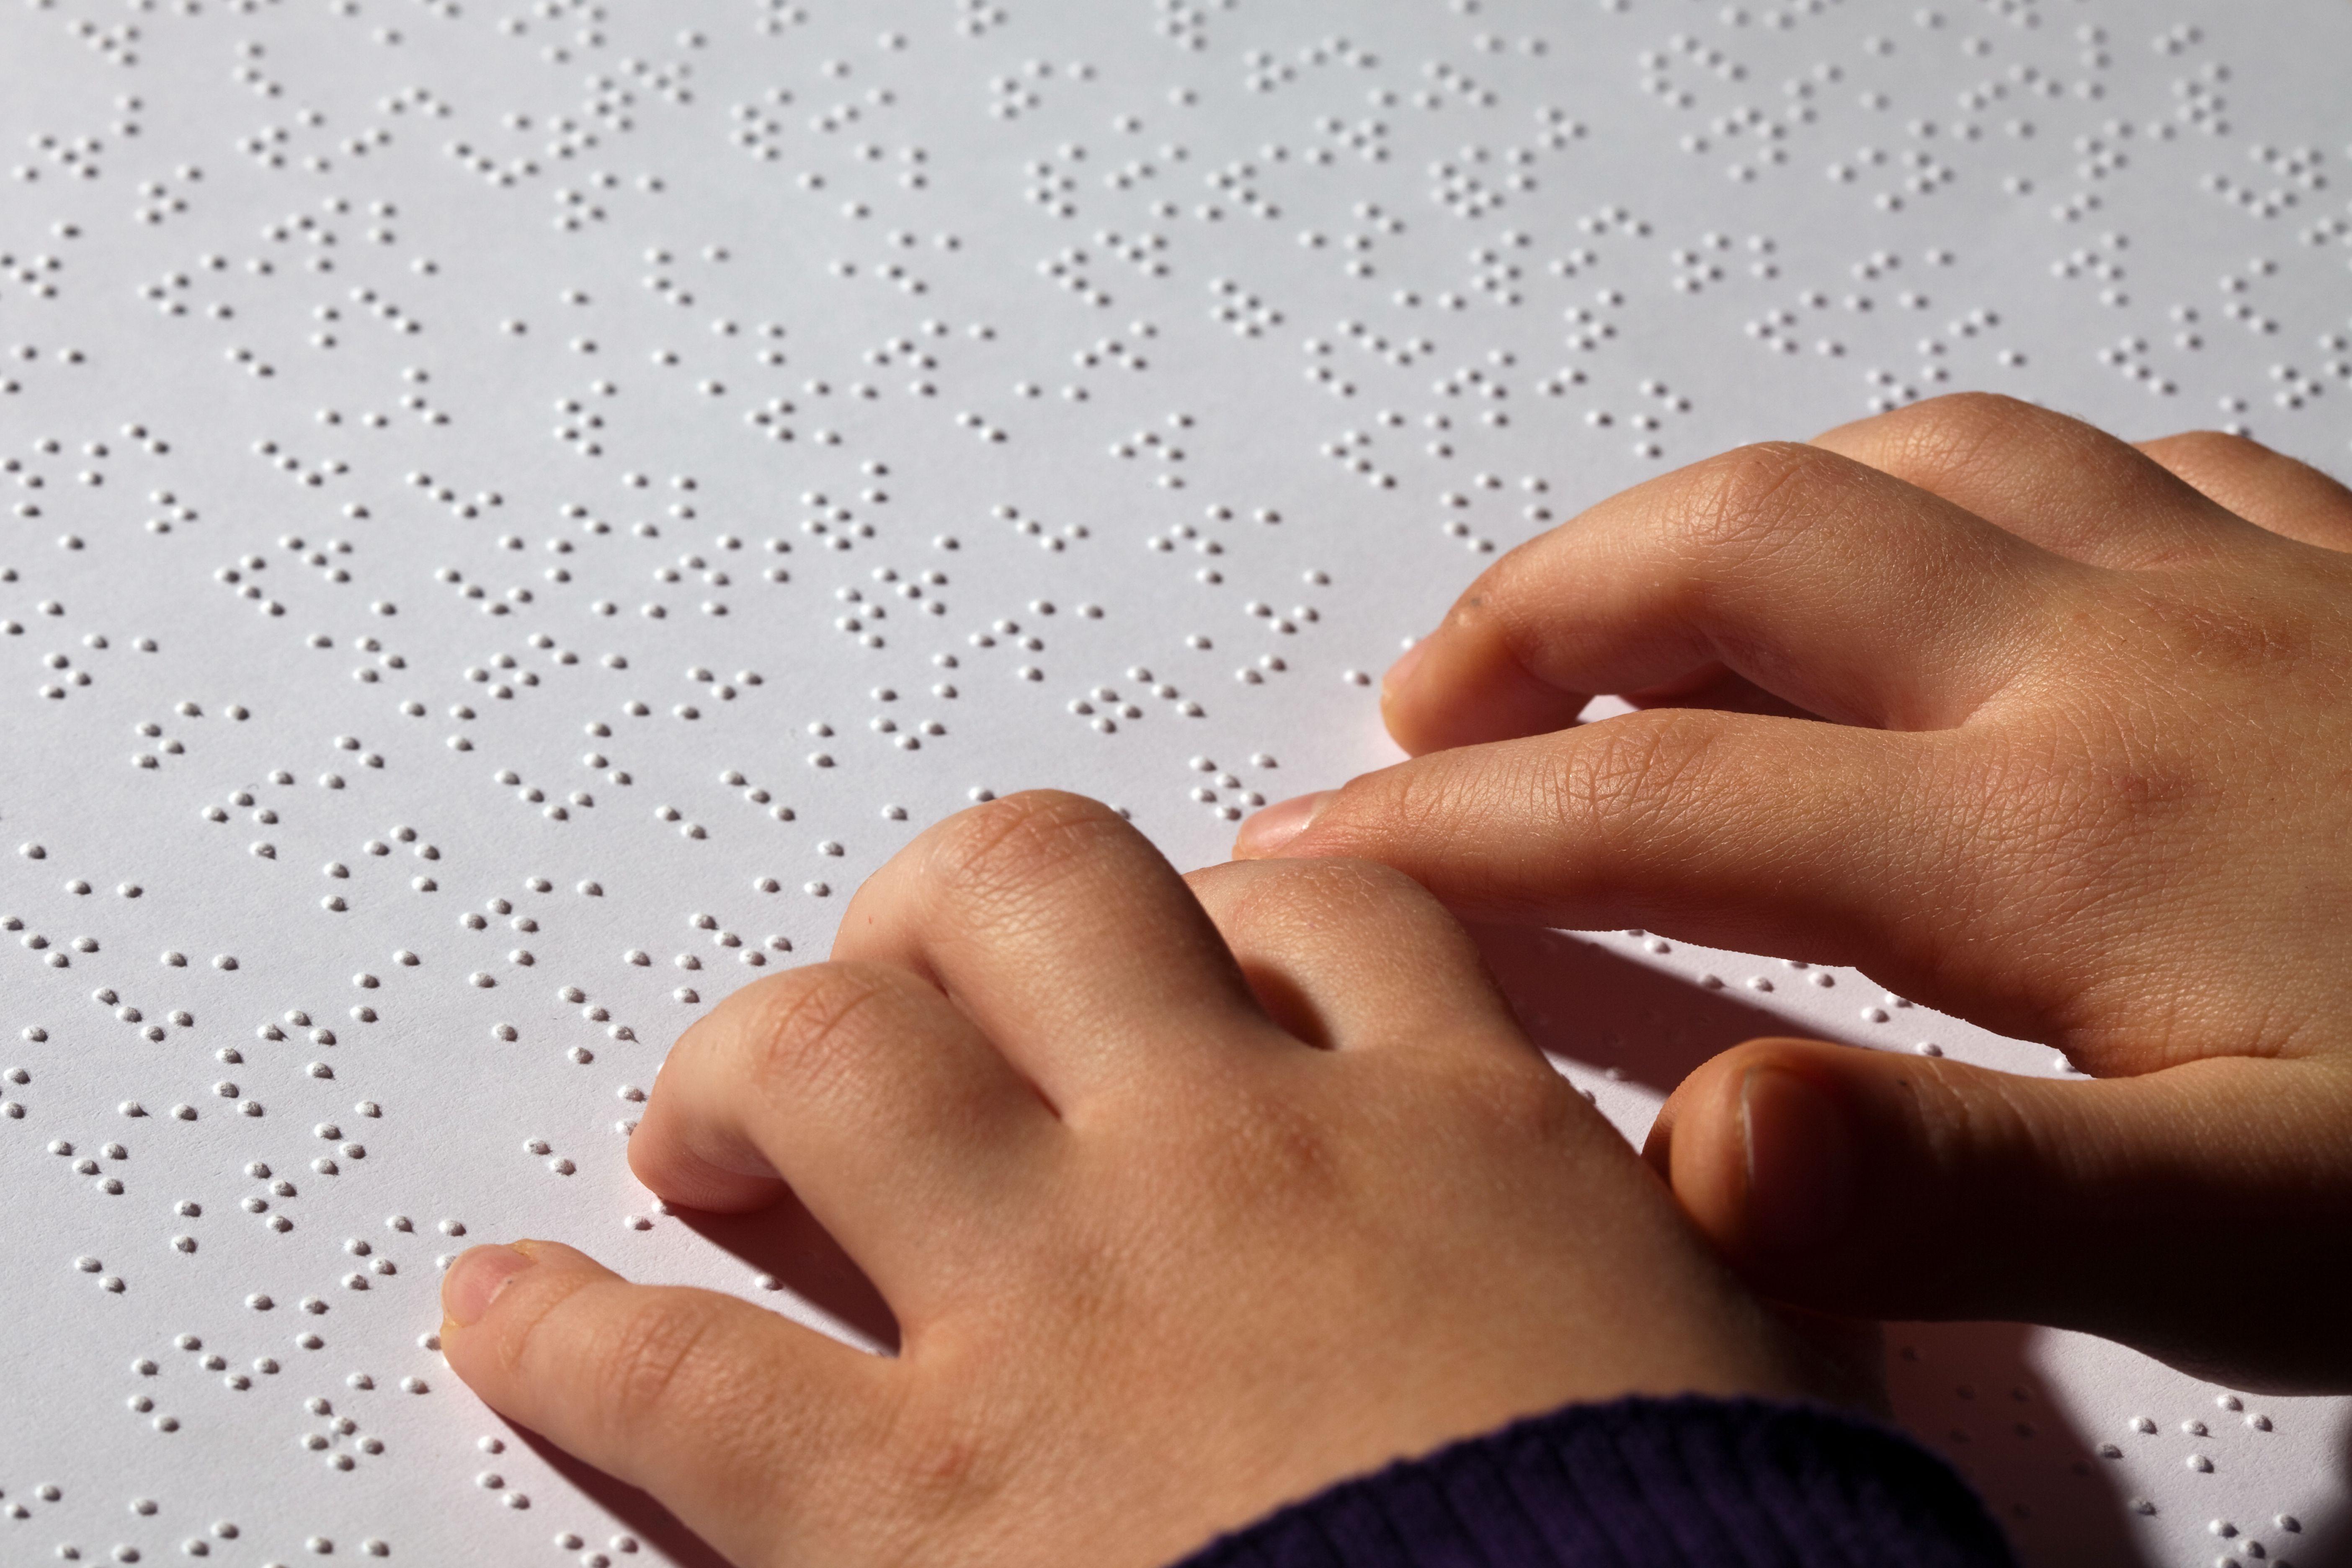 Recomandări pentru o bună interacțiune cu persoanele cu deficiențe de vedere